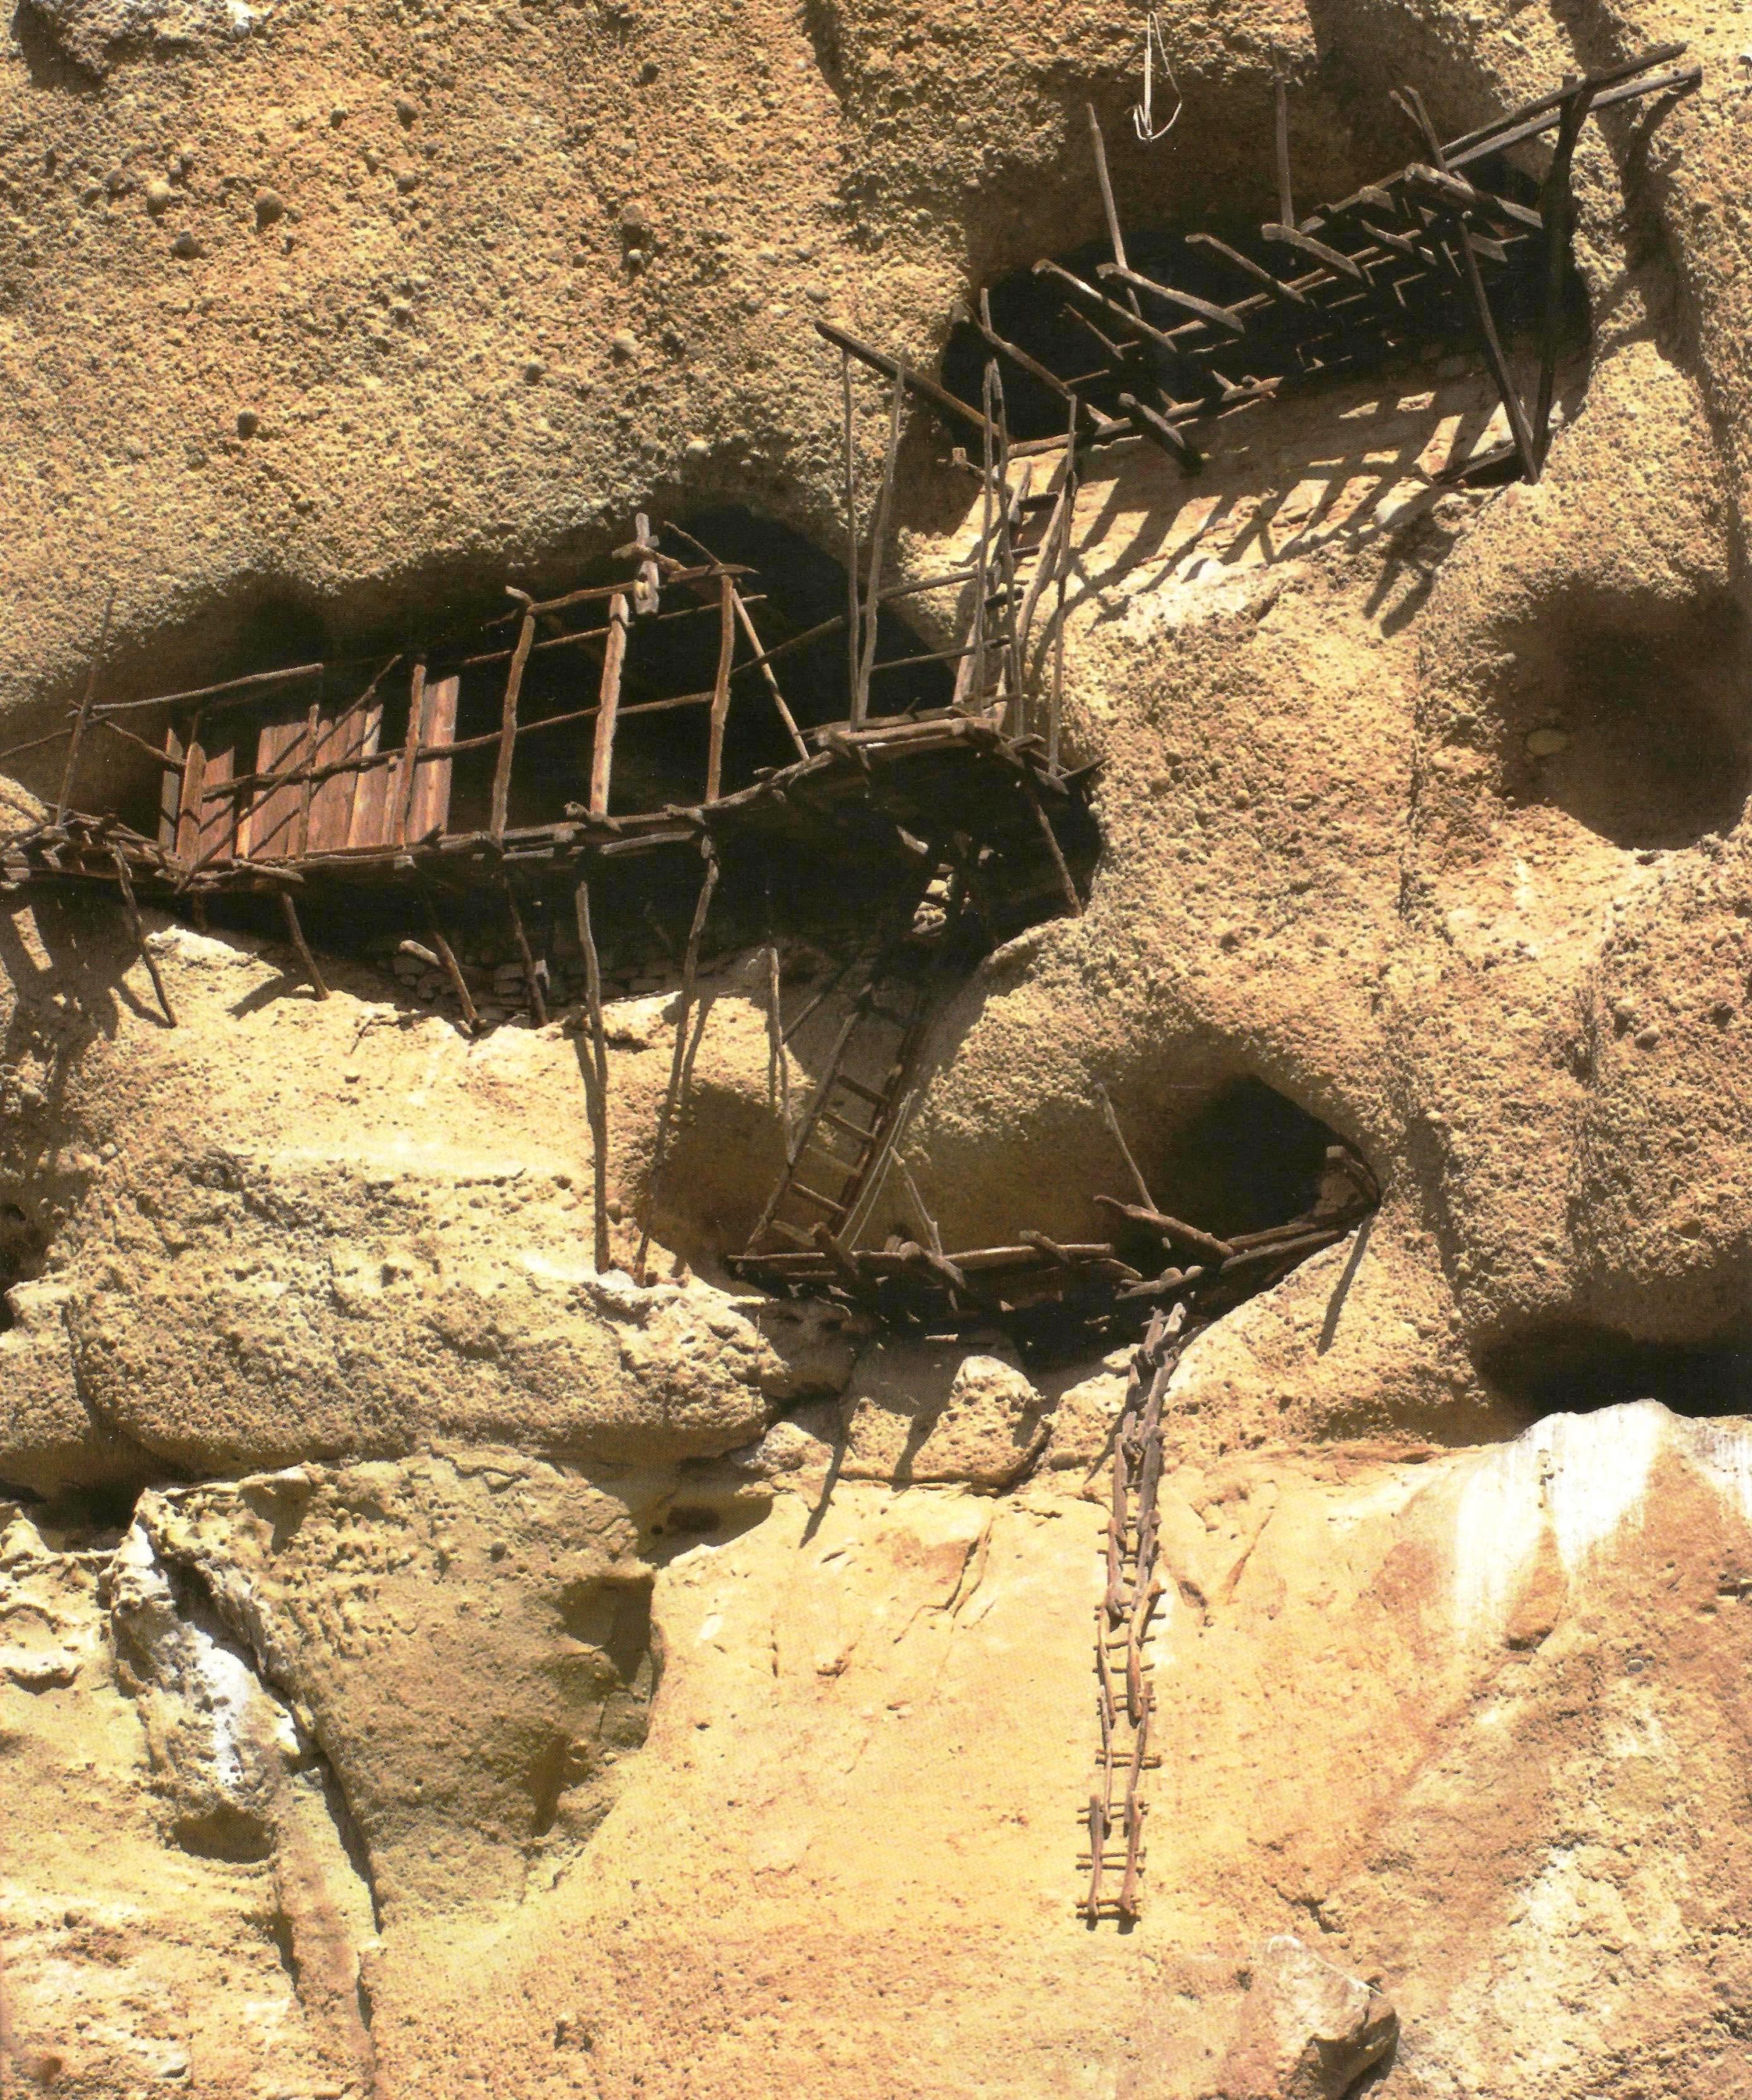 Ασκητήρια ερημιτών στους μετεωρίτικους βράχους.